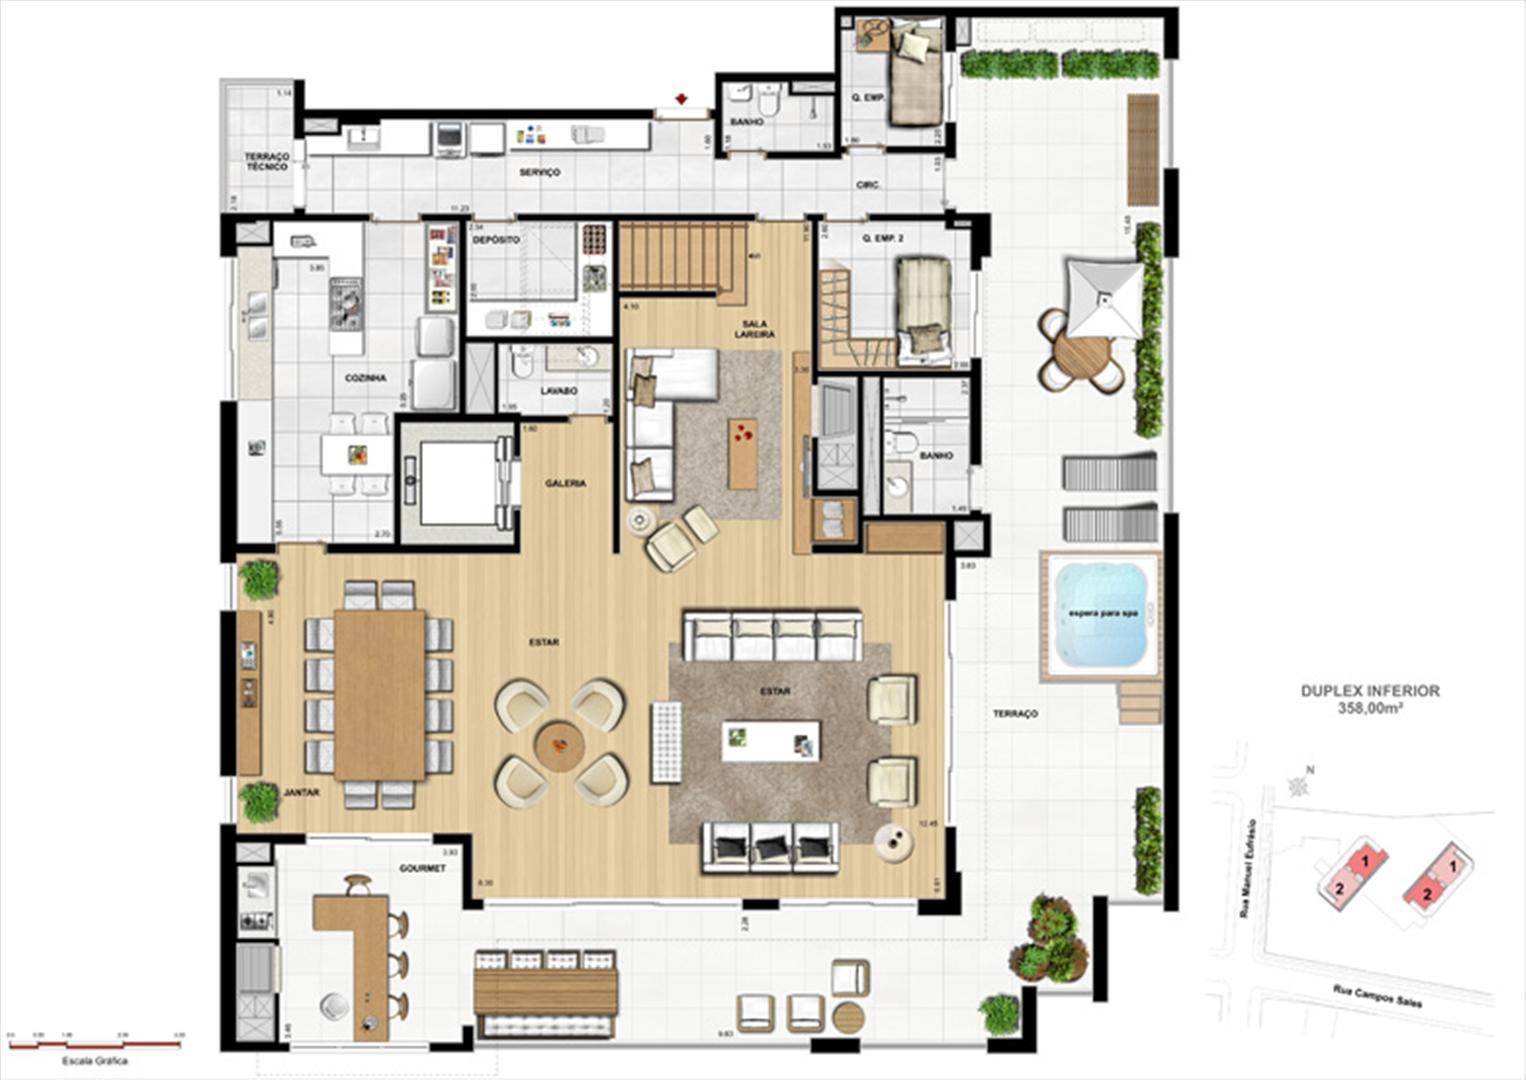 Duplex inferior | Le Chateau  – Apartamento no  Juvevê - Curitiba - Paraná